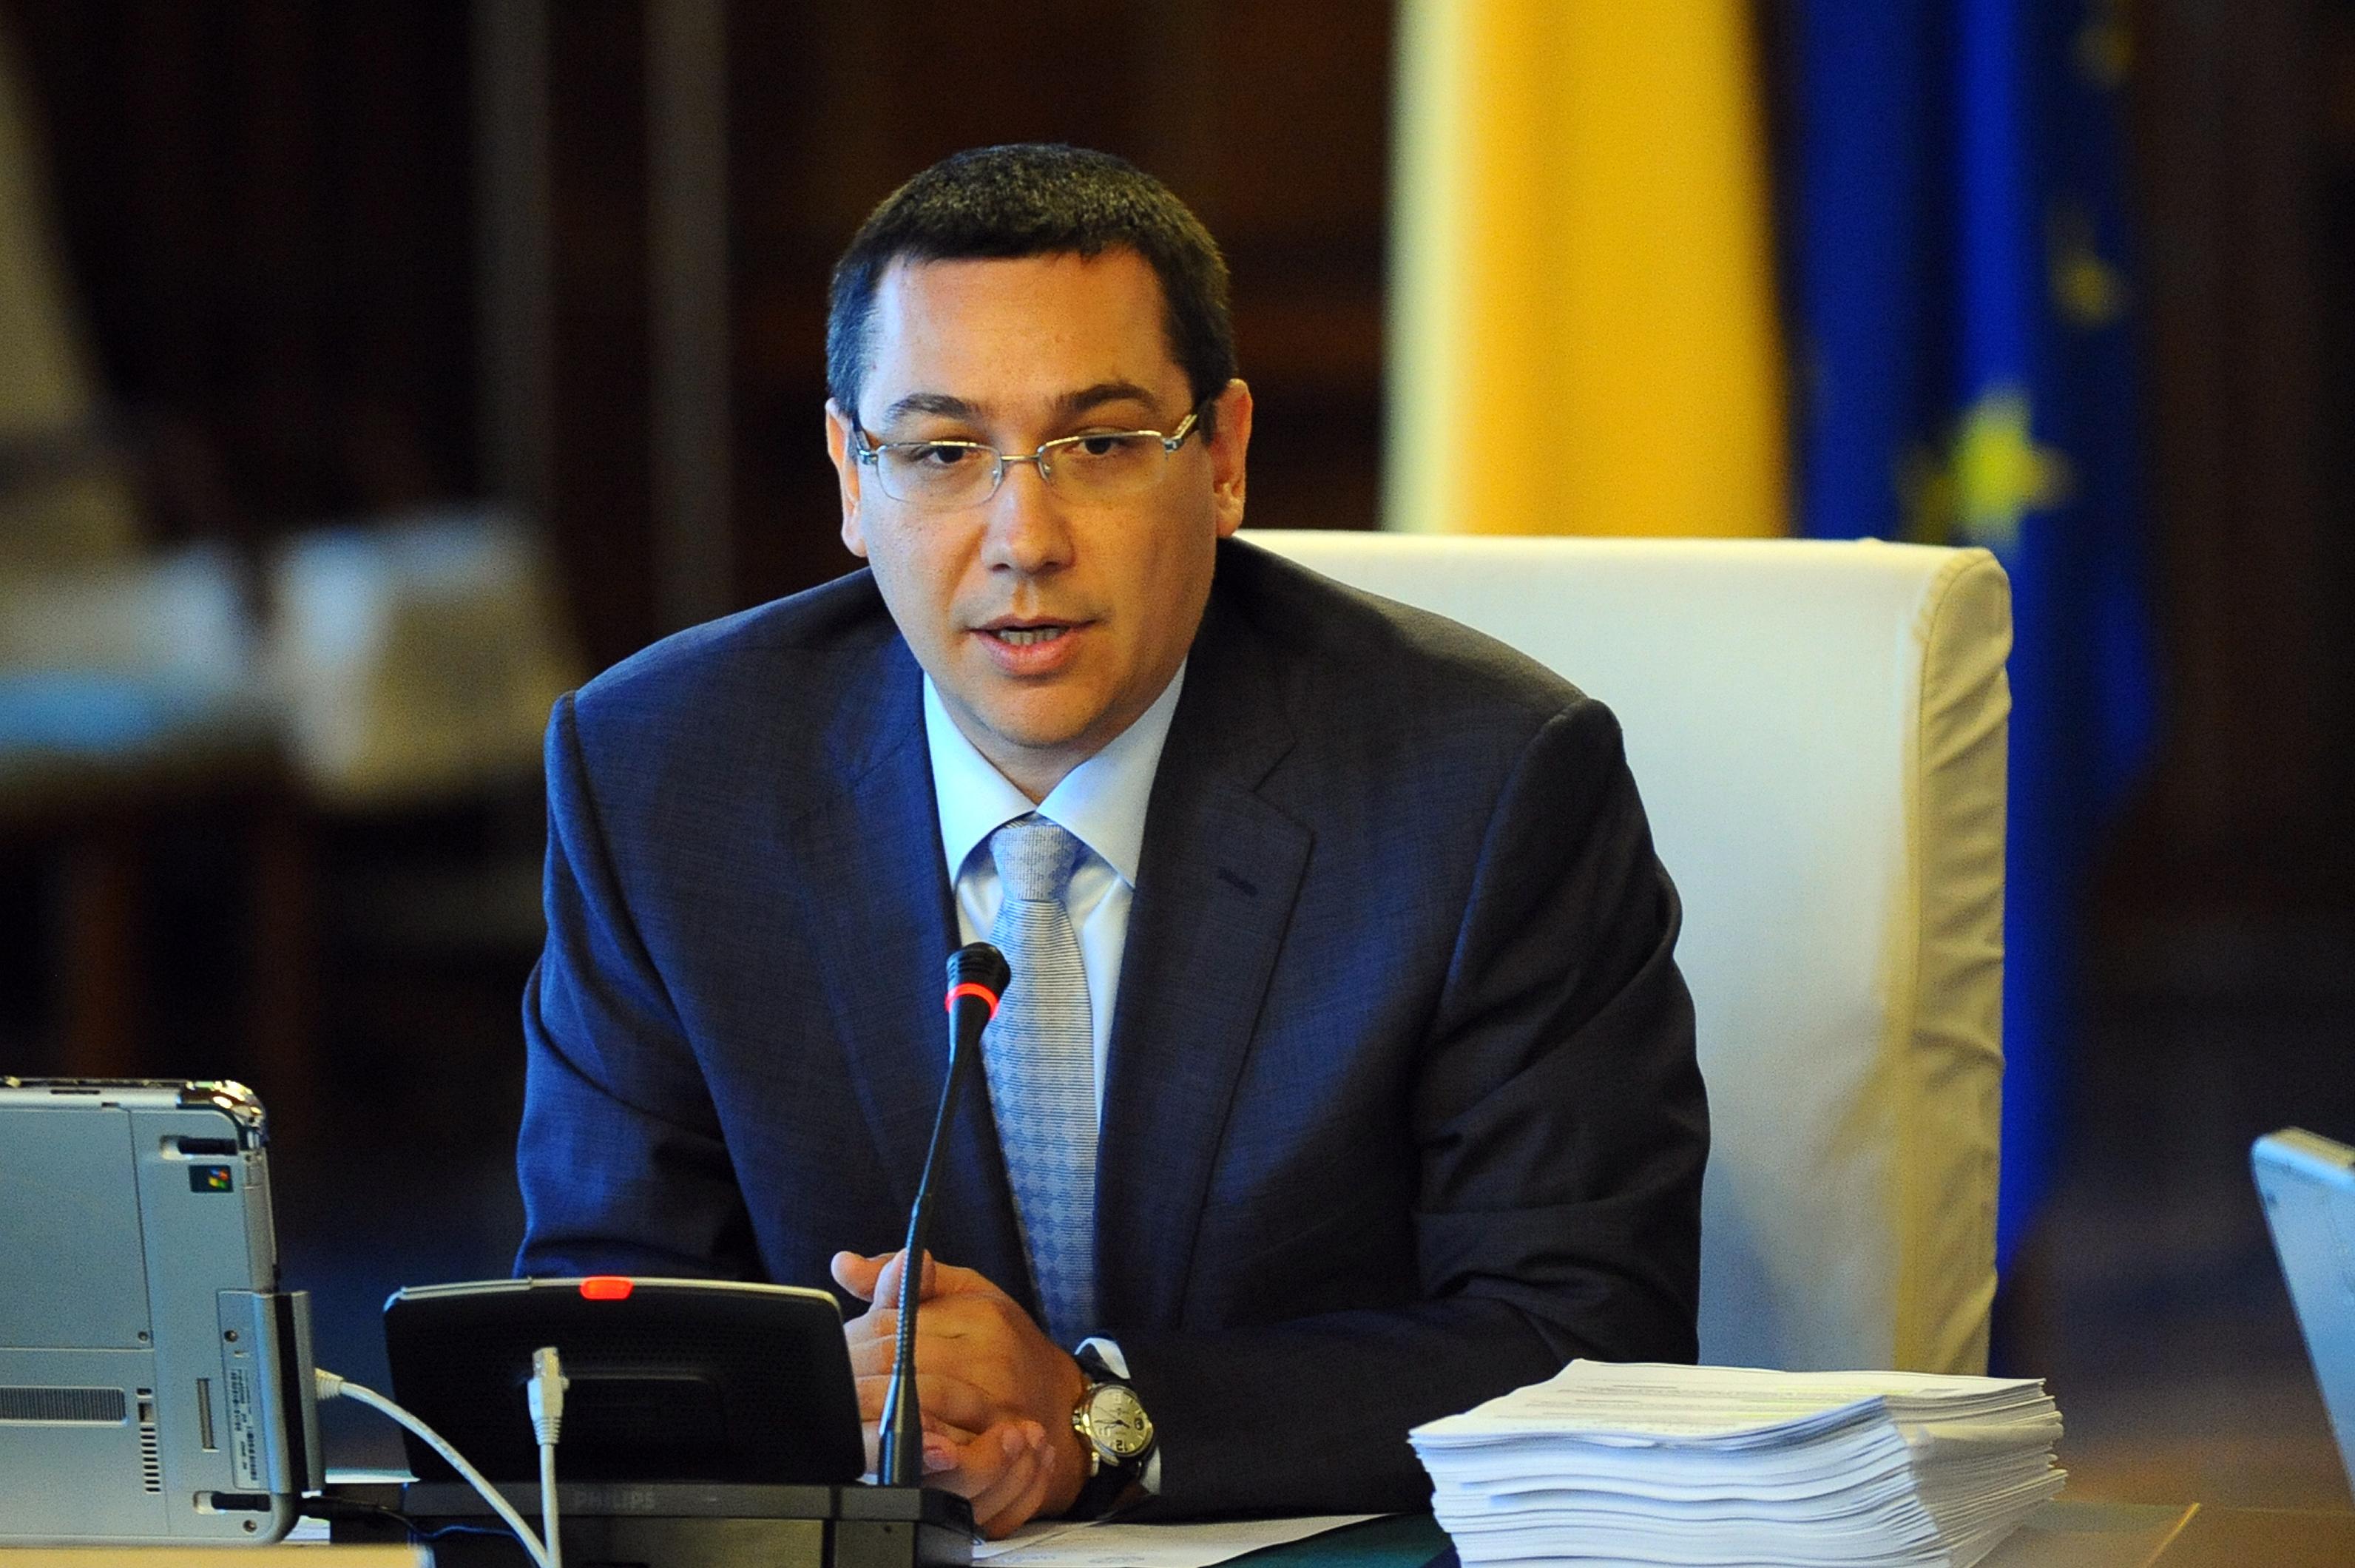 Petre Toba le-a declarat anchetatorilor ca premierul Victor Ponta nu are nimic de-a face cu activitatea sa si cu acest caz